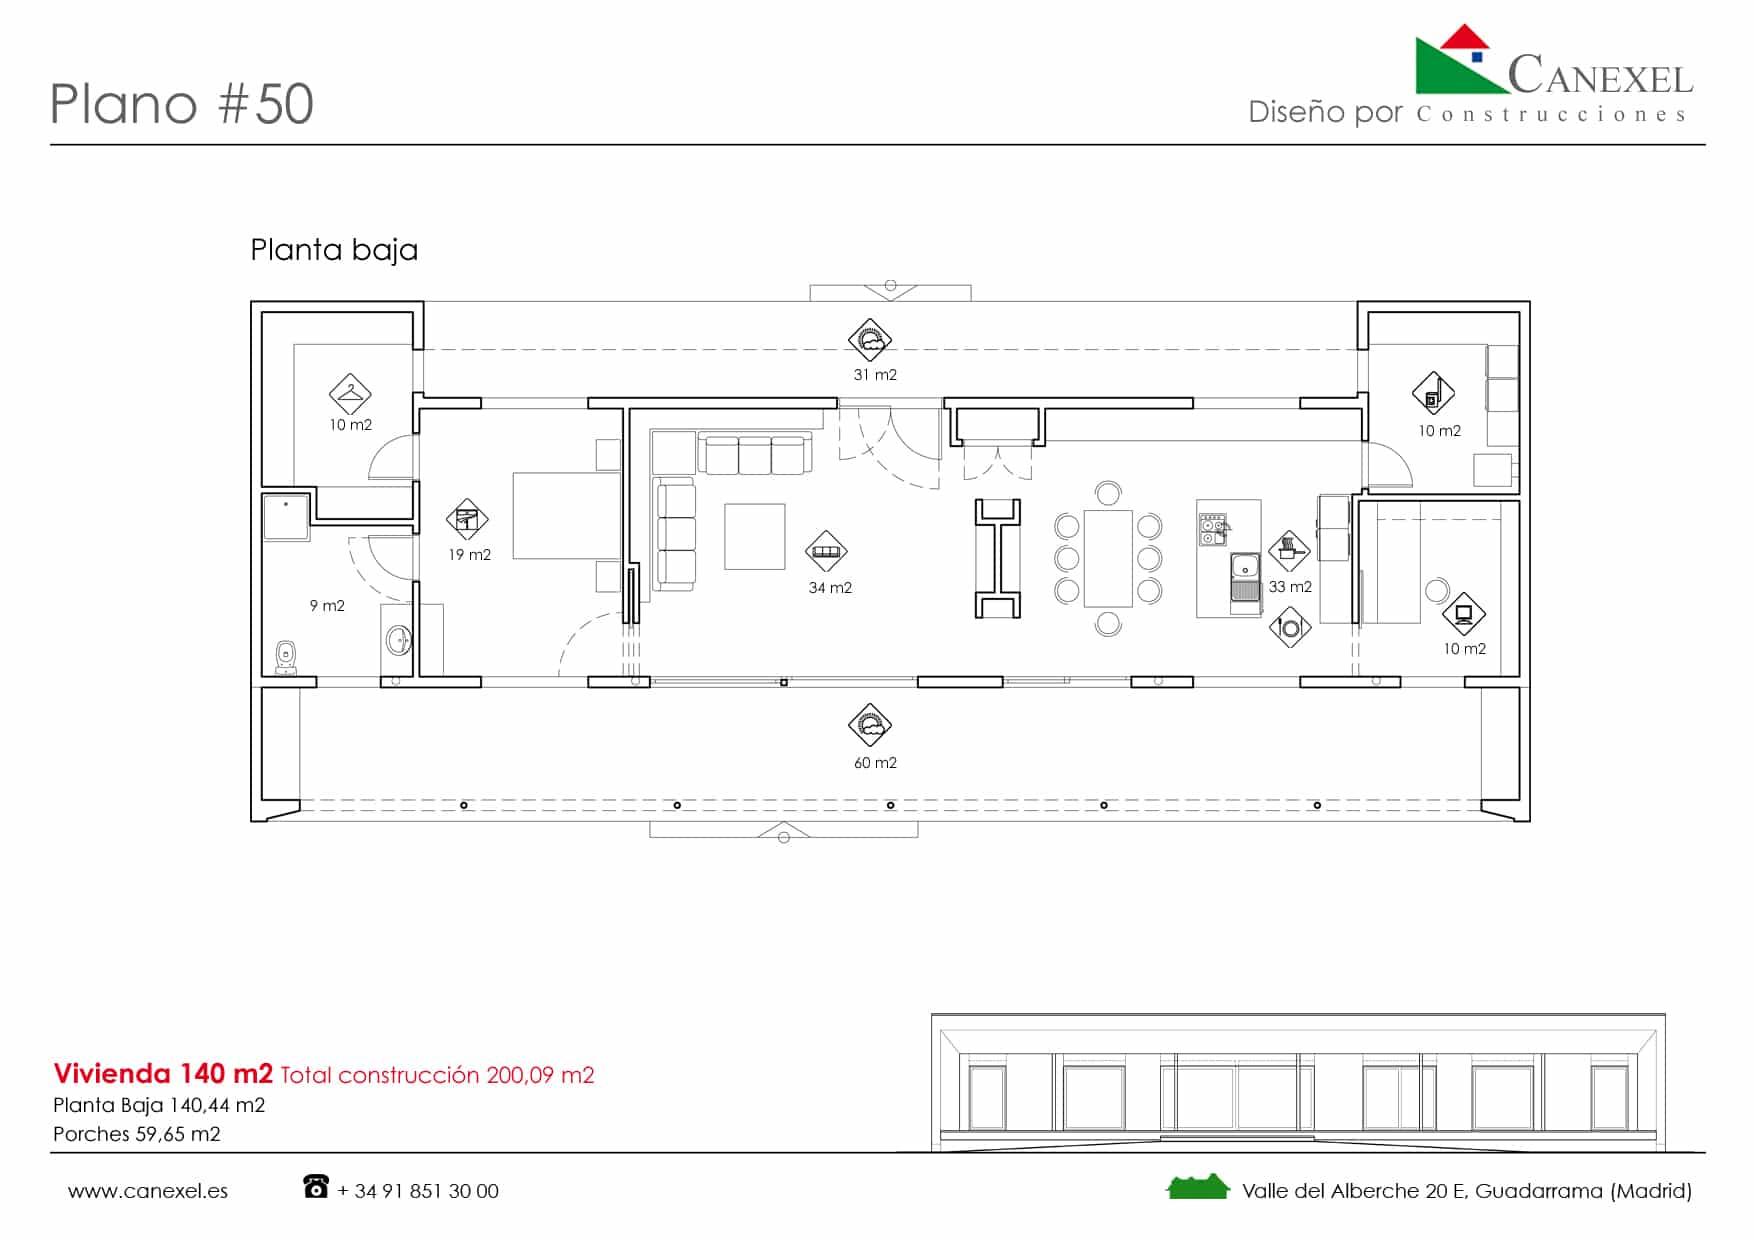 Planos de casas de una planta canexel for Como se disena una casa